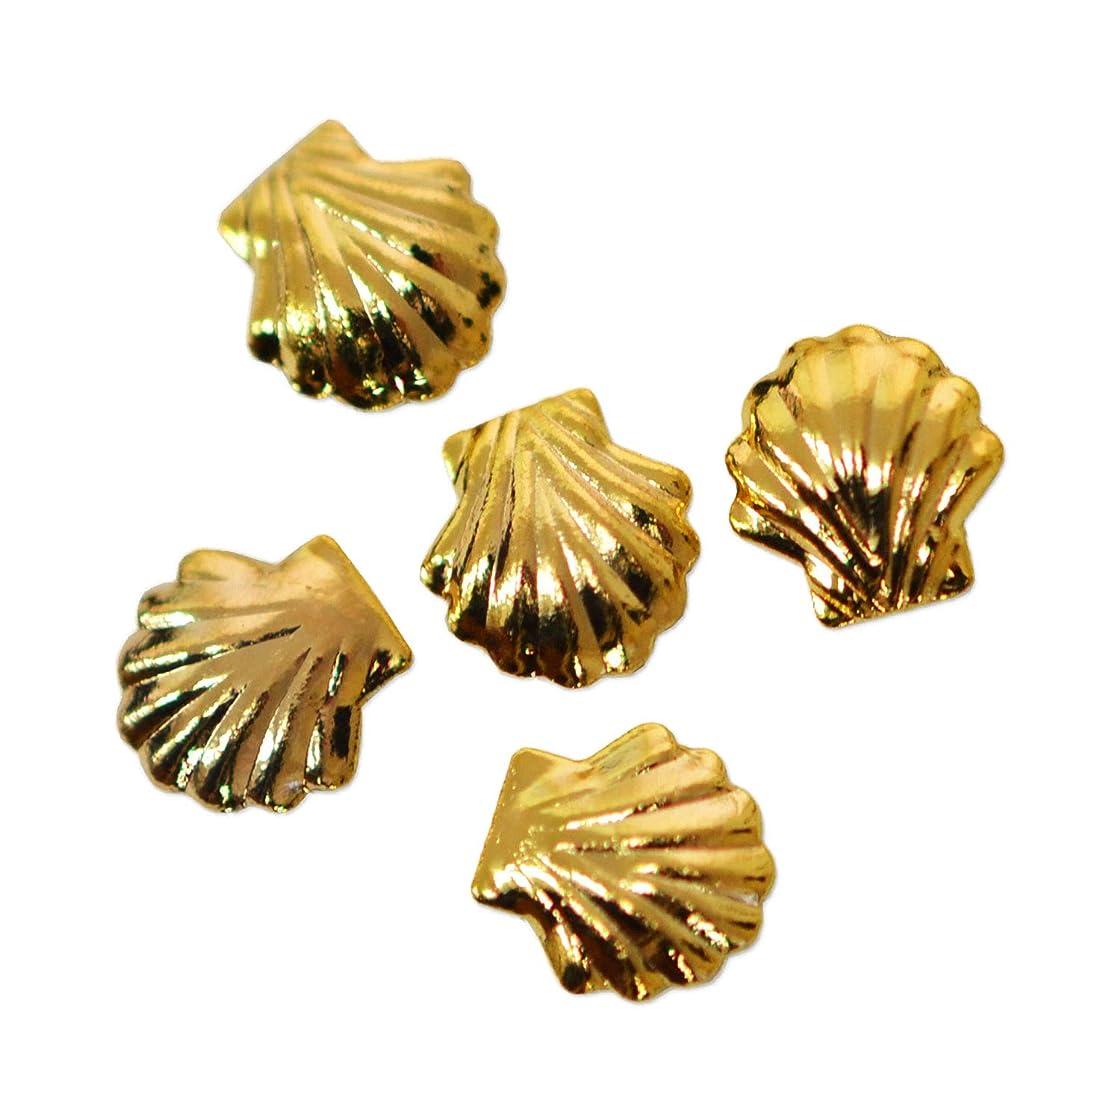 トレーニングアンテナ持参メタルパーツ シェル ゴールド 5ミリ 30粒 ネイルパーツ 貝殻 メタルシェル シェルメタル gold